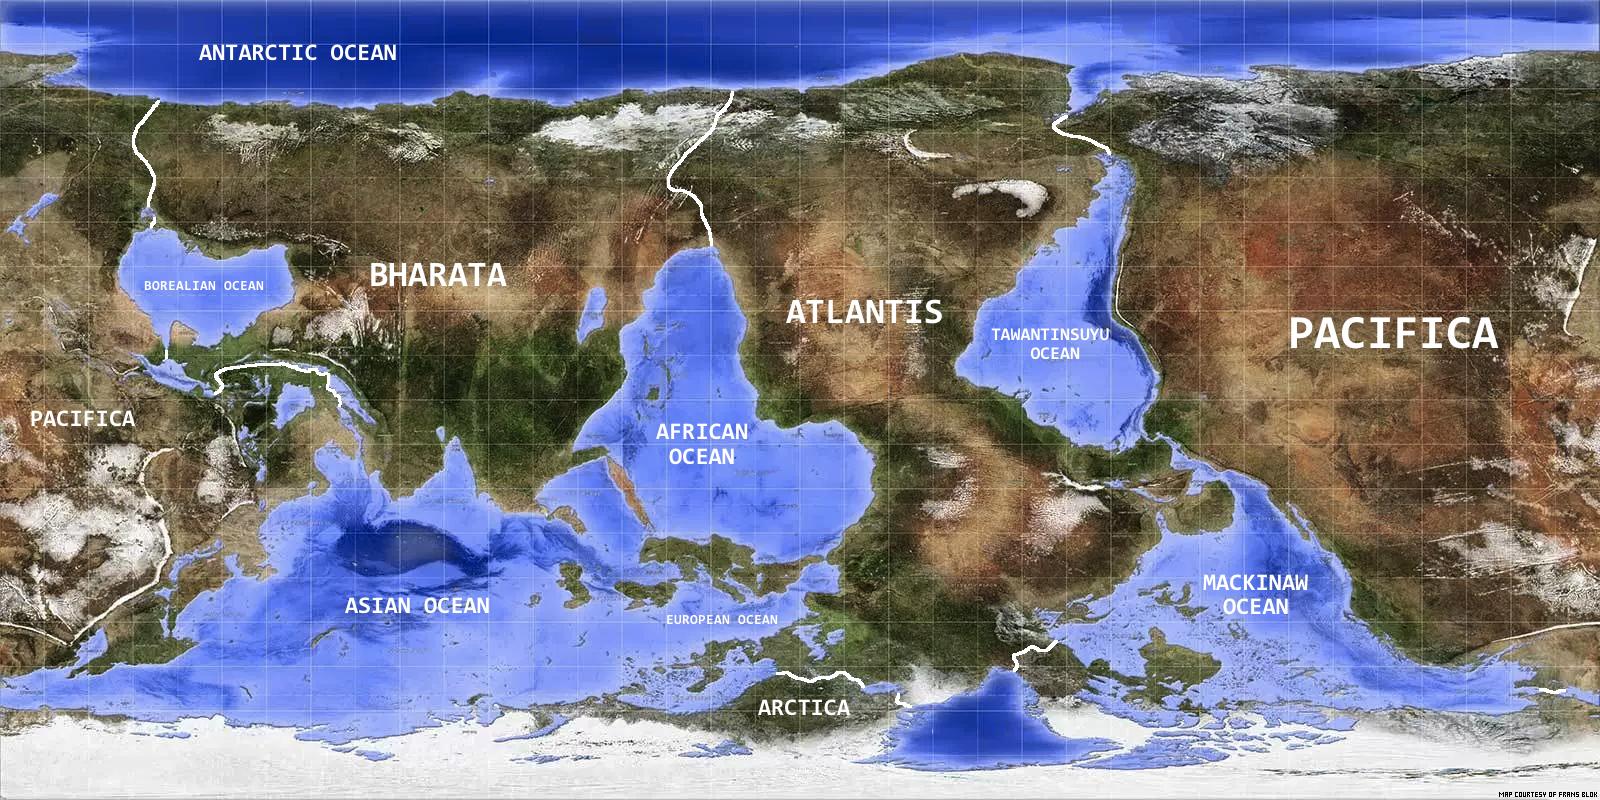 Terra Contrarium